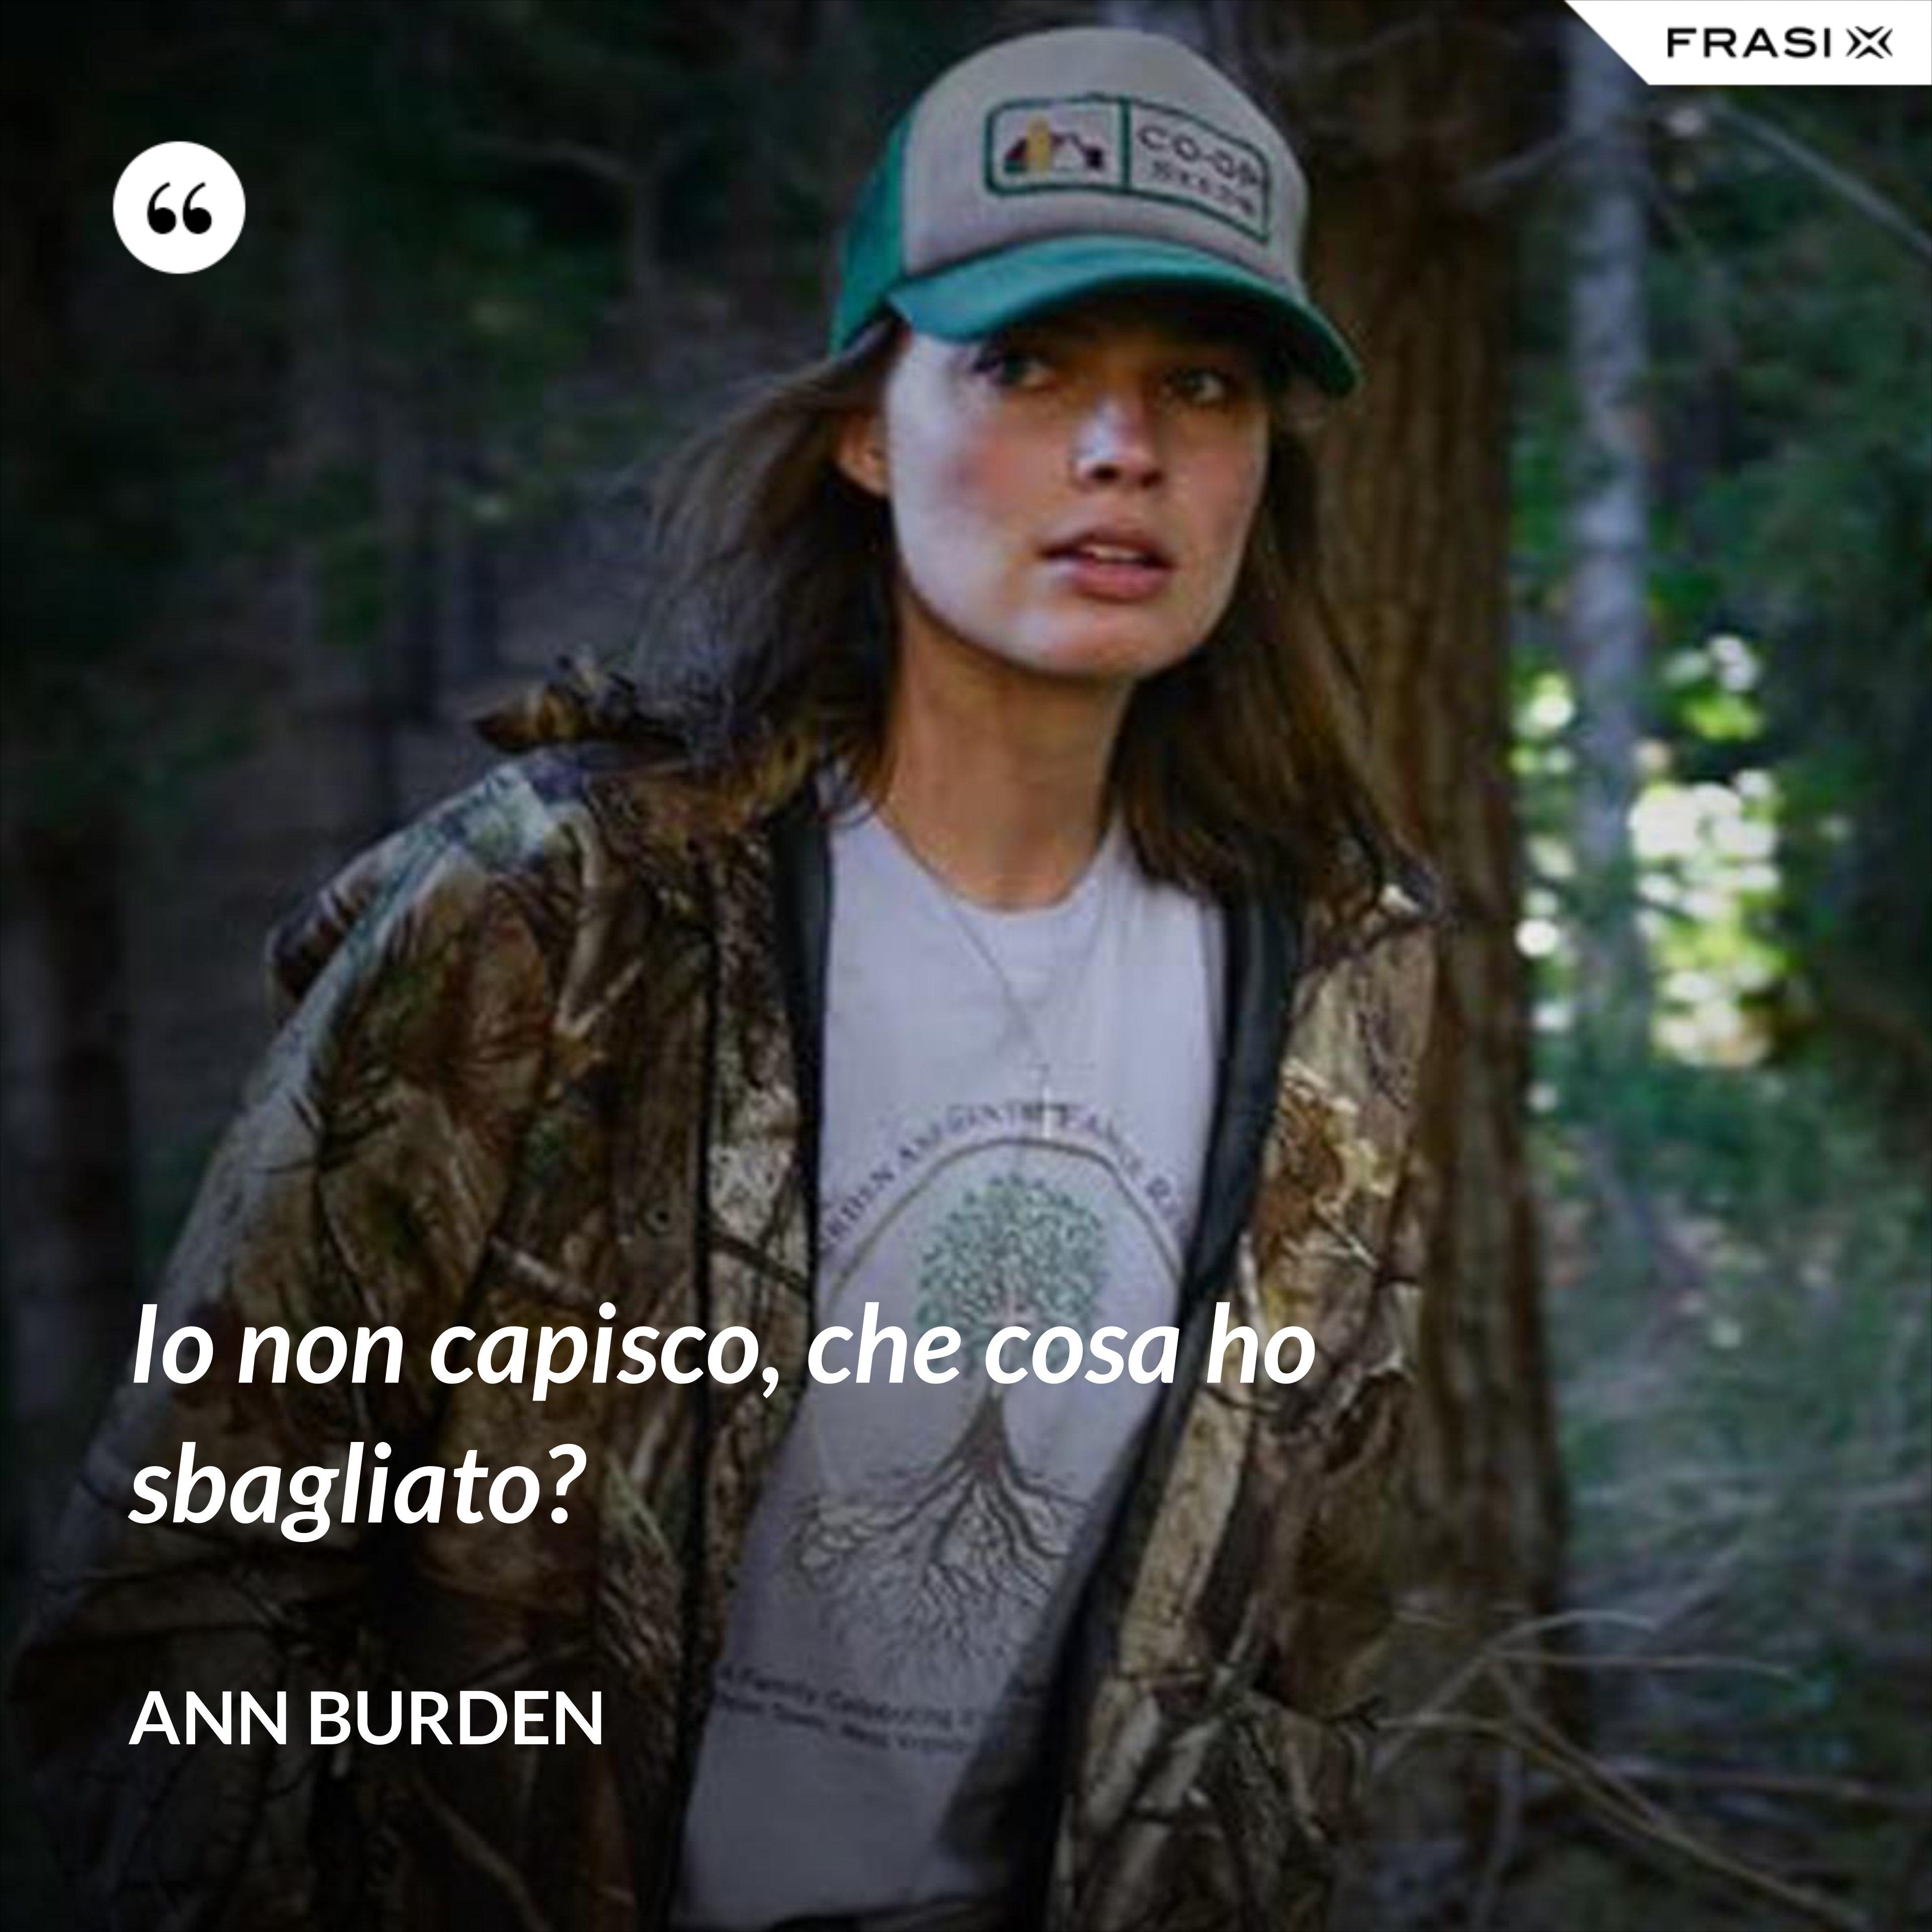 Io non capisco, che cosa ho sbagliato? - Ann Burden